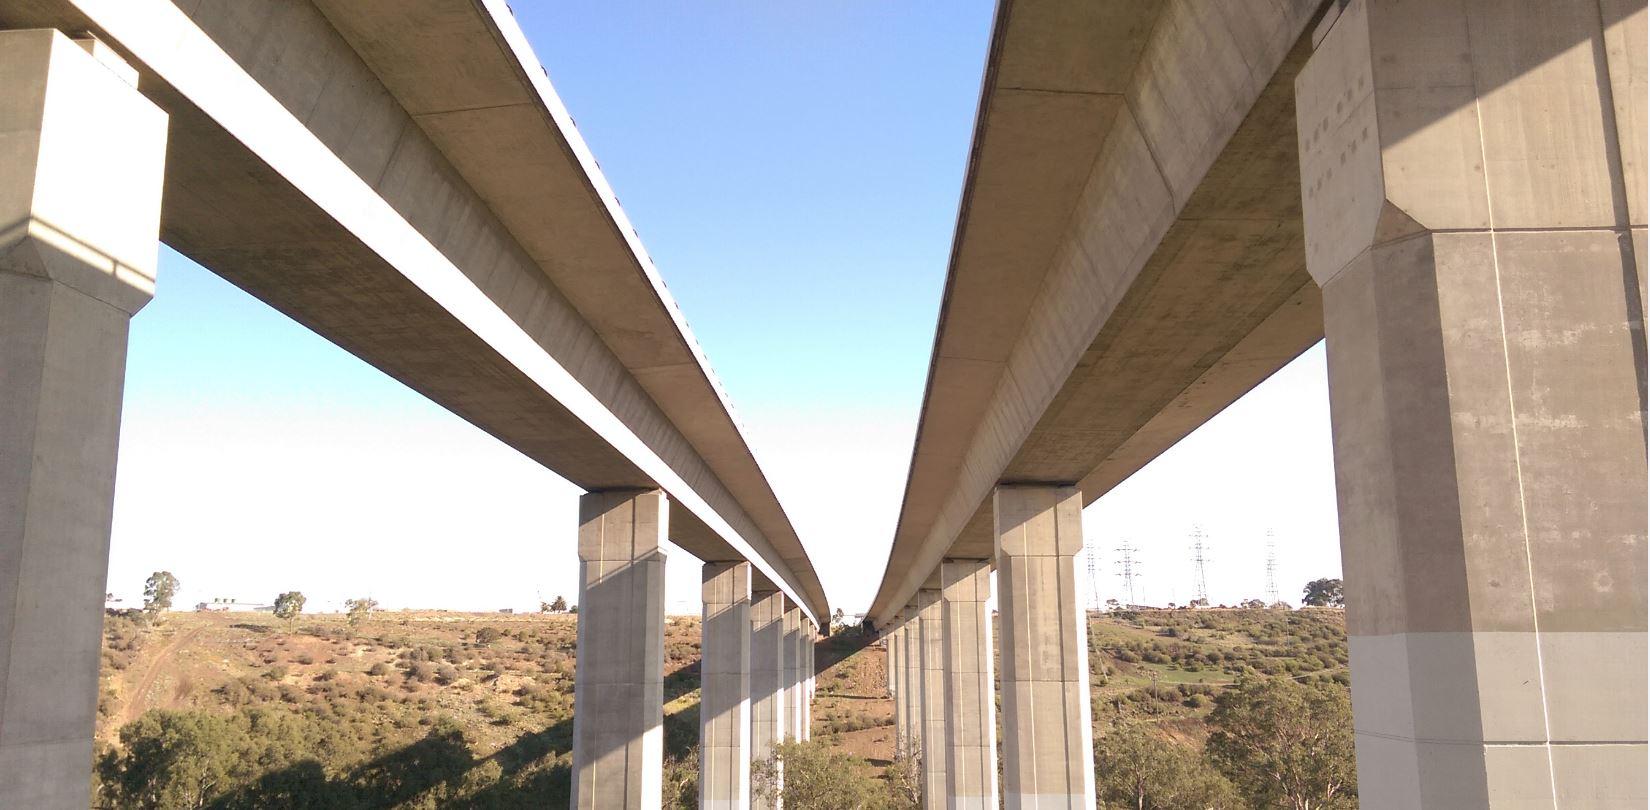 EJ Whitten Bridge